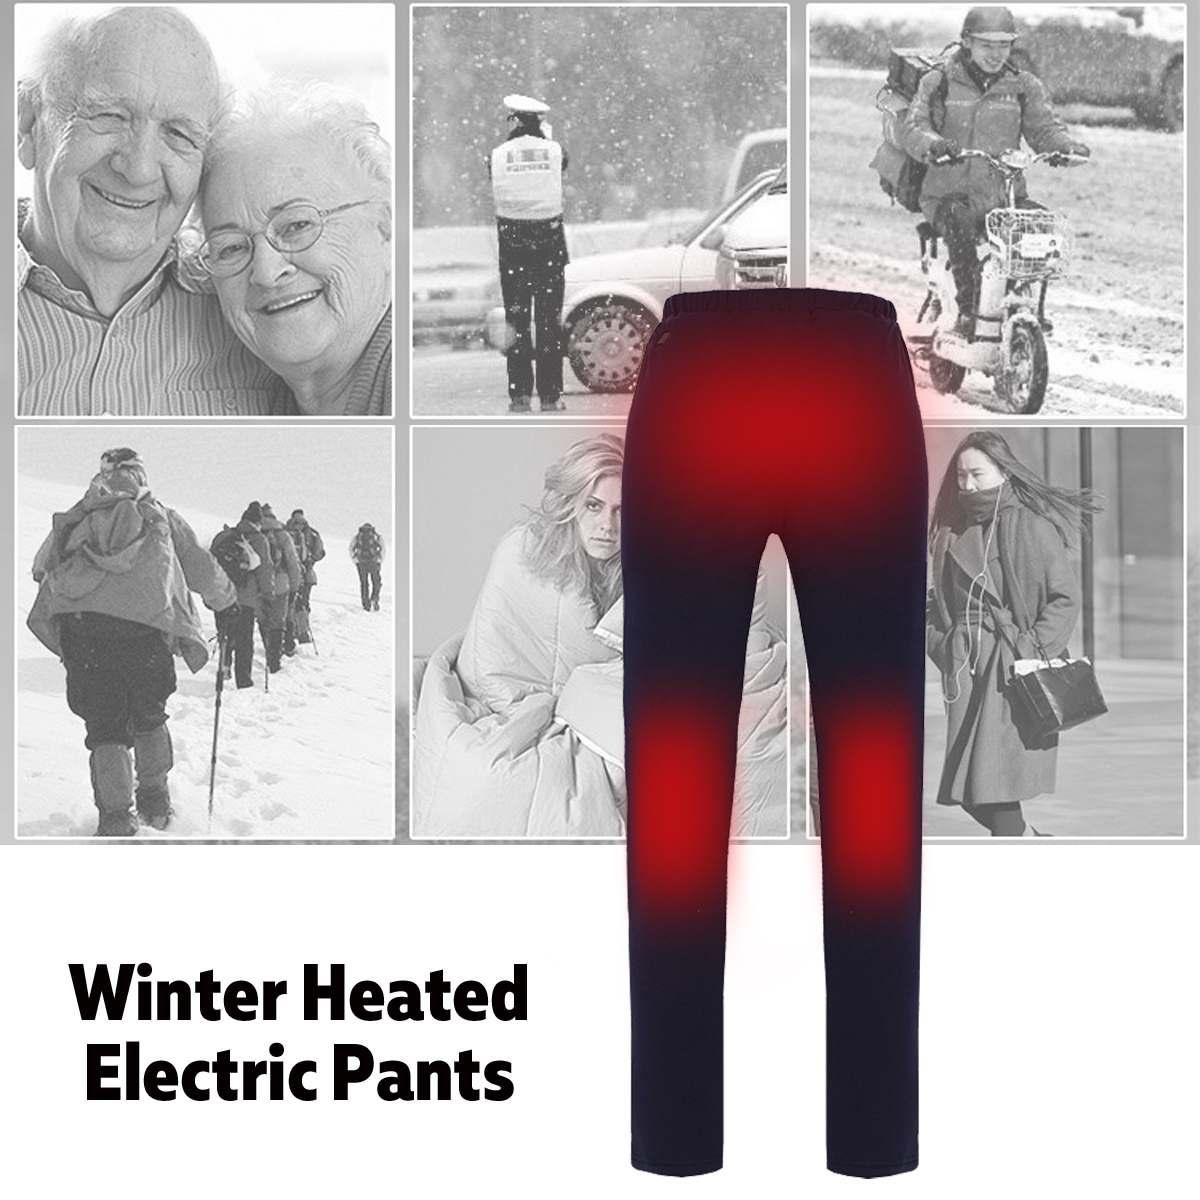 Nouveaux hommes femmes randonnée chauffage pantalons chauds Camping escalade pêche électrique pantalons chauffants en plein air résistant à l'usure pantalons élastiques